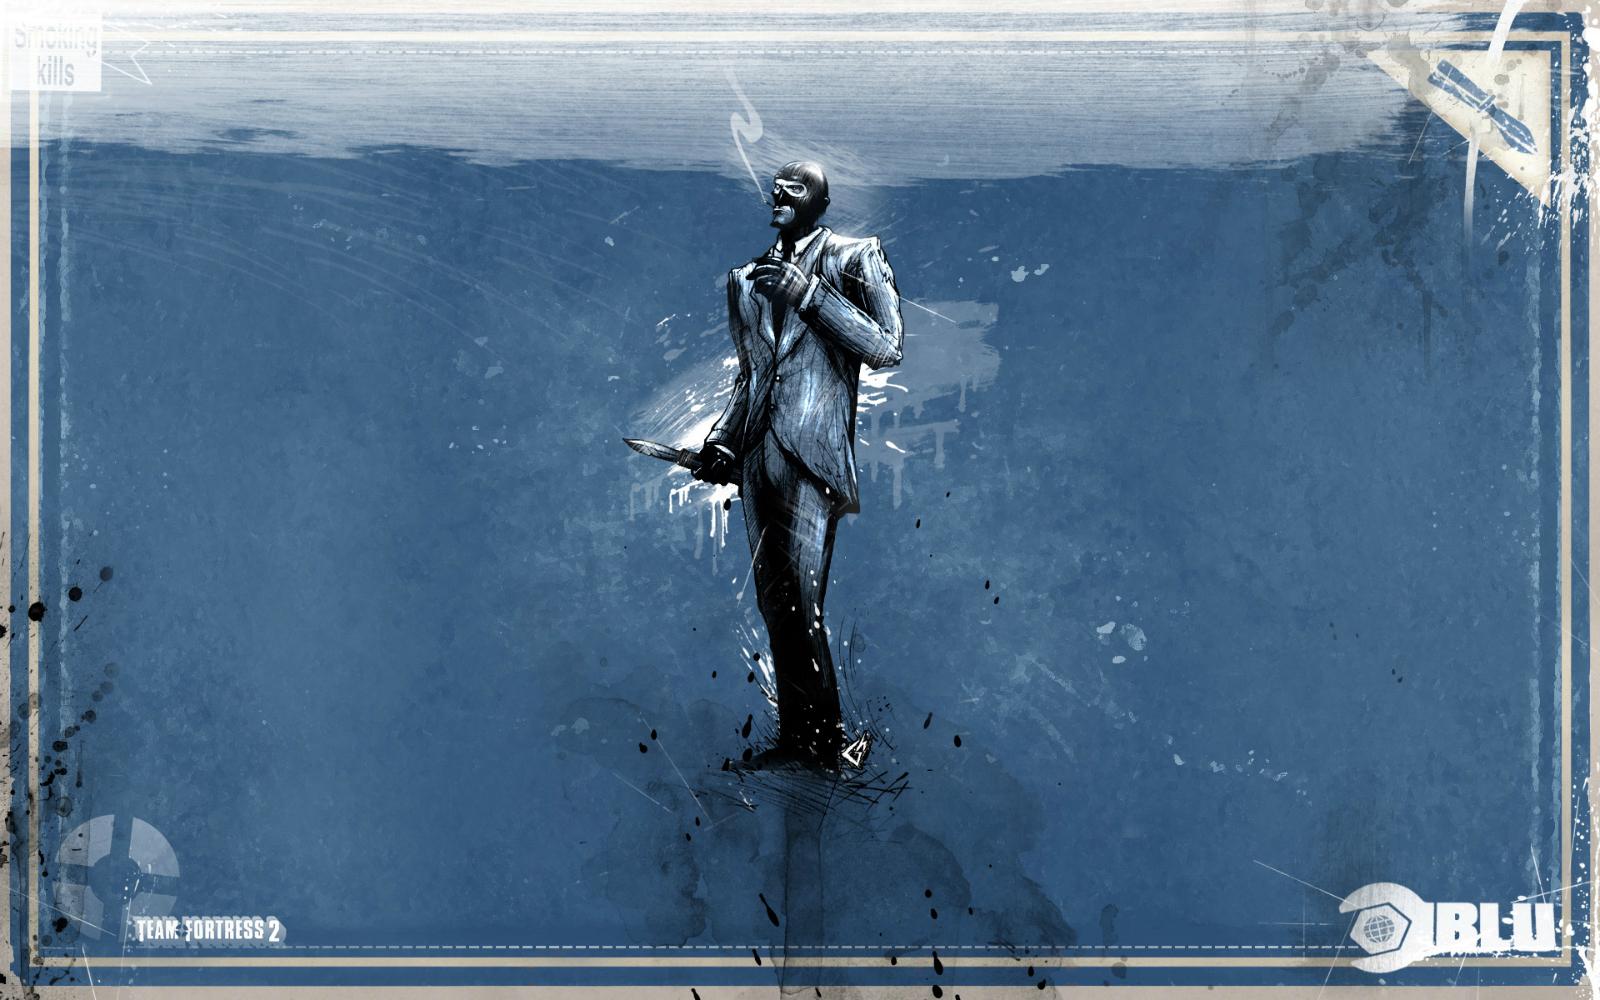 http://4.bp.blogspot.com/--e5dq6EOVfg/TmVEHrPTcsI/AAAAAAAAAzc/Difldj3TaT8/s1600/team_fortress_2_spy_background_desktop_www.Vvallpaper.net.jpg